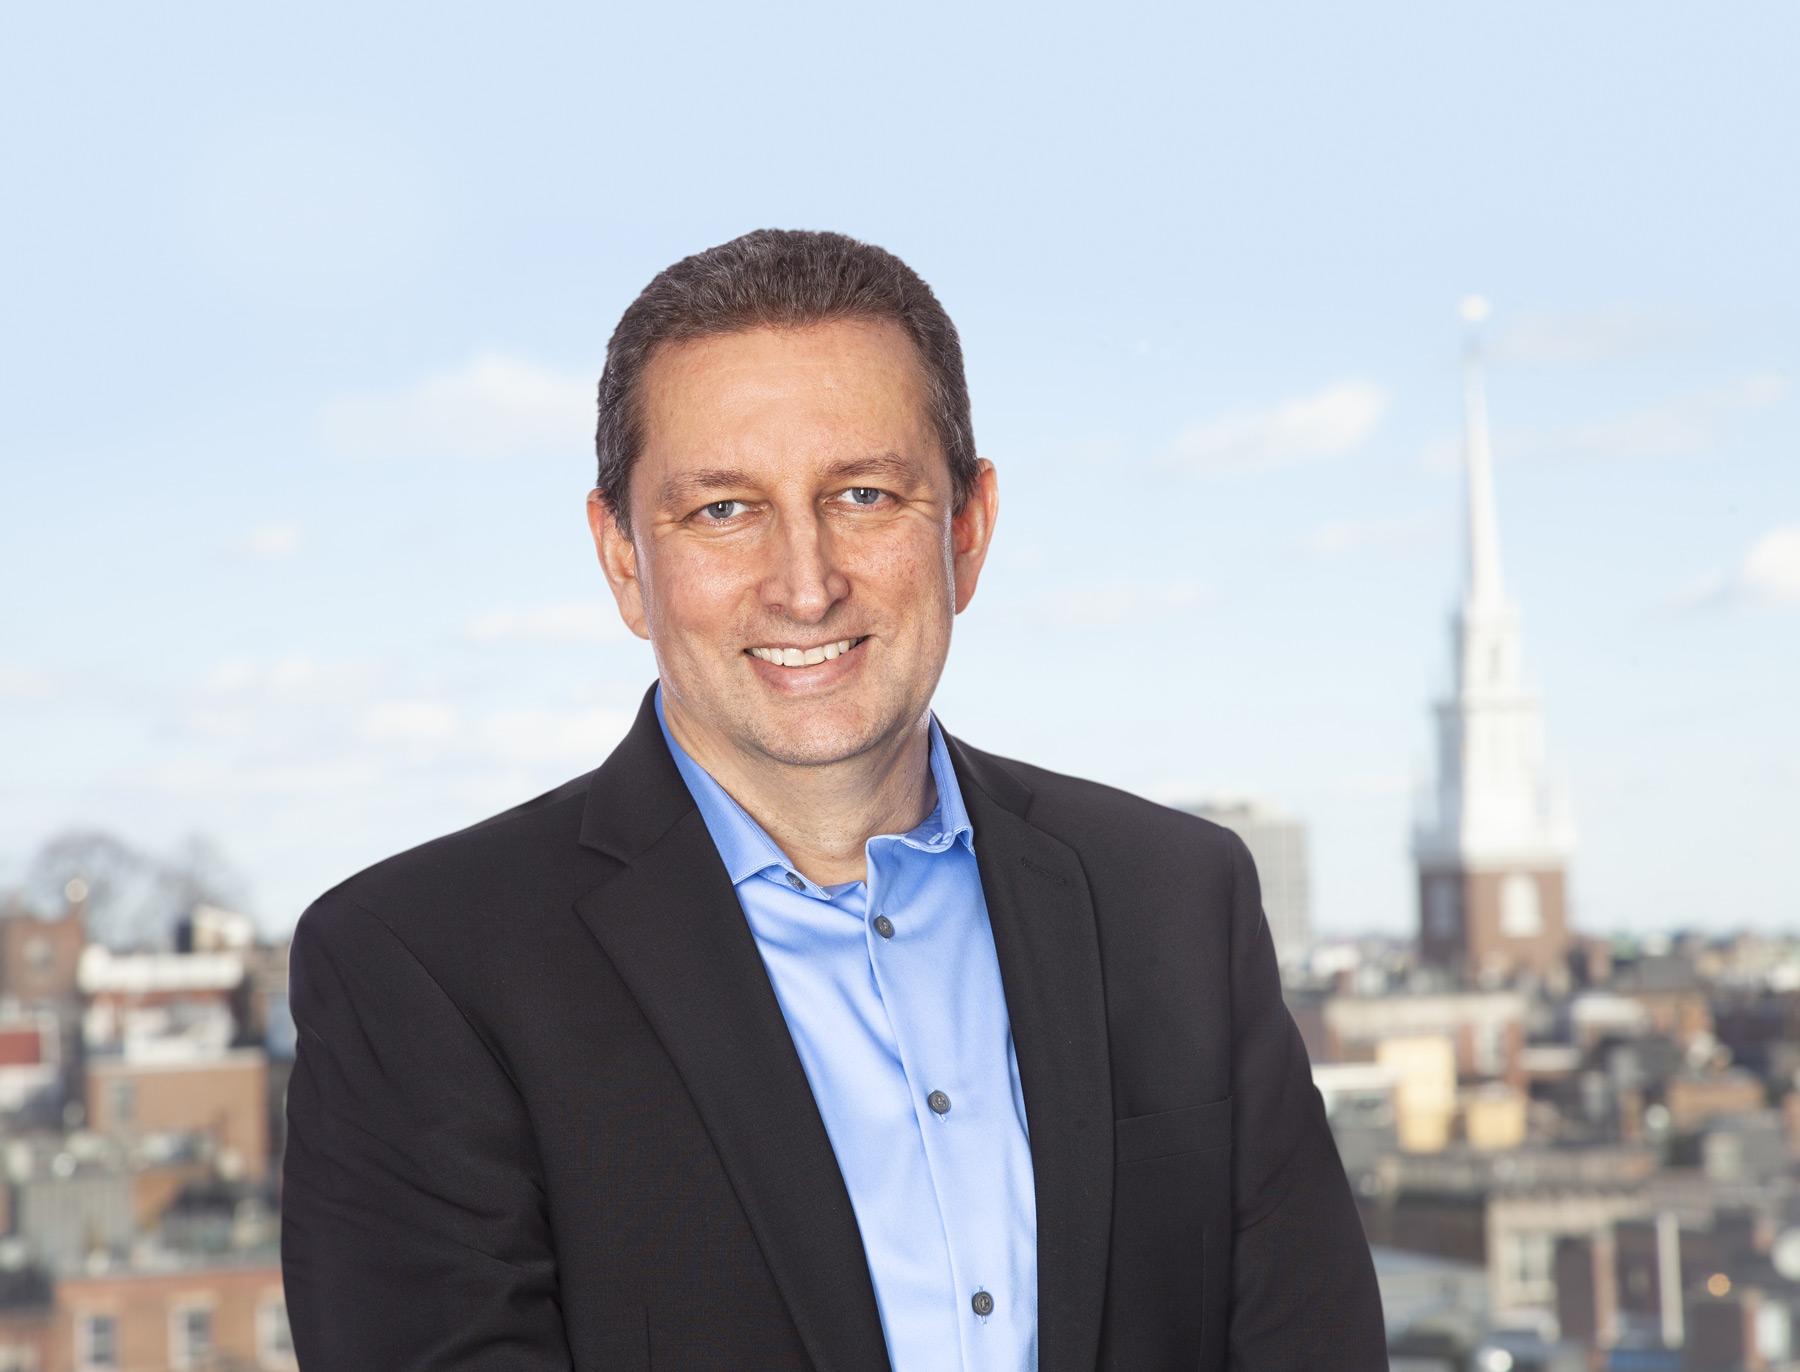 Jeffrey J. Garriga